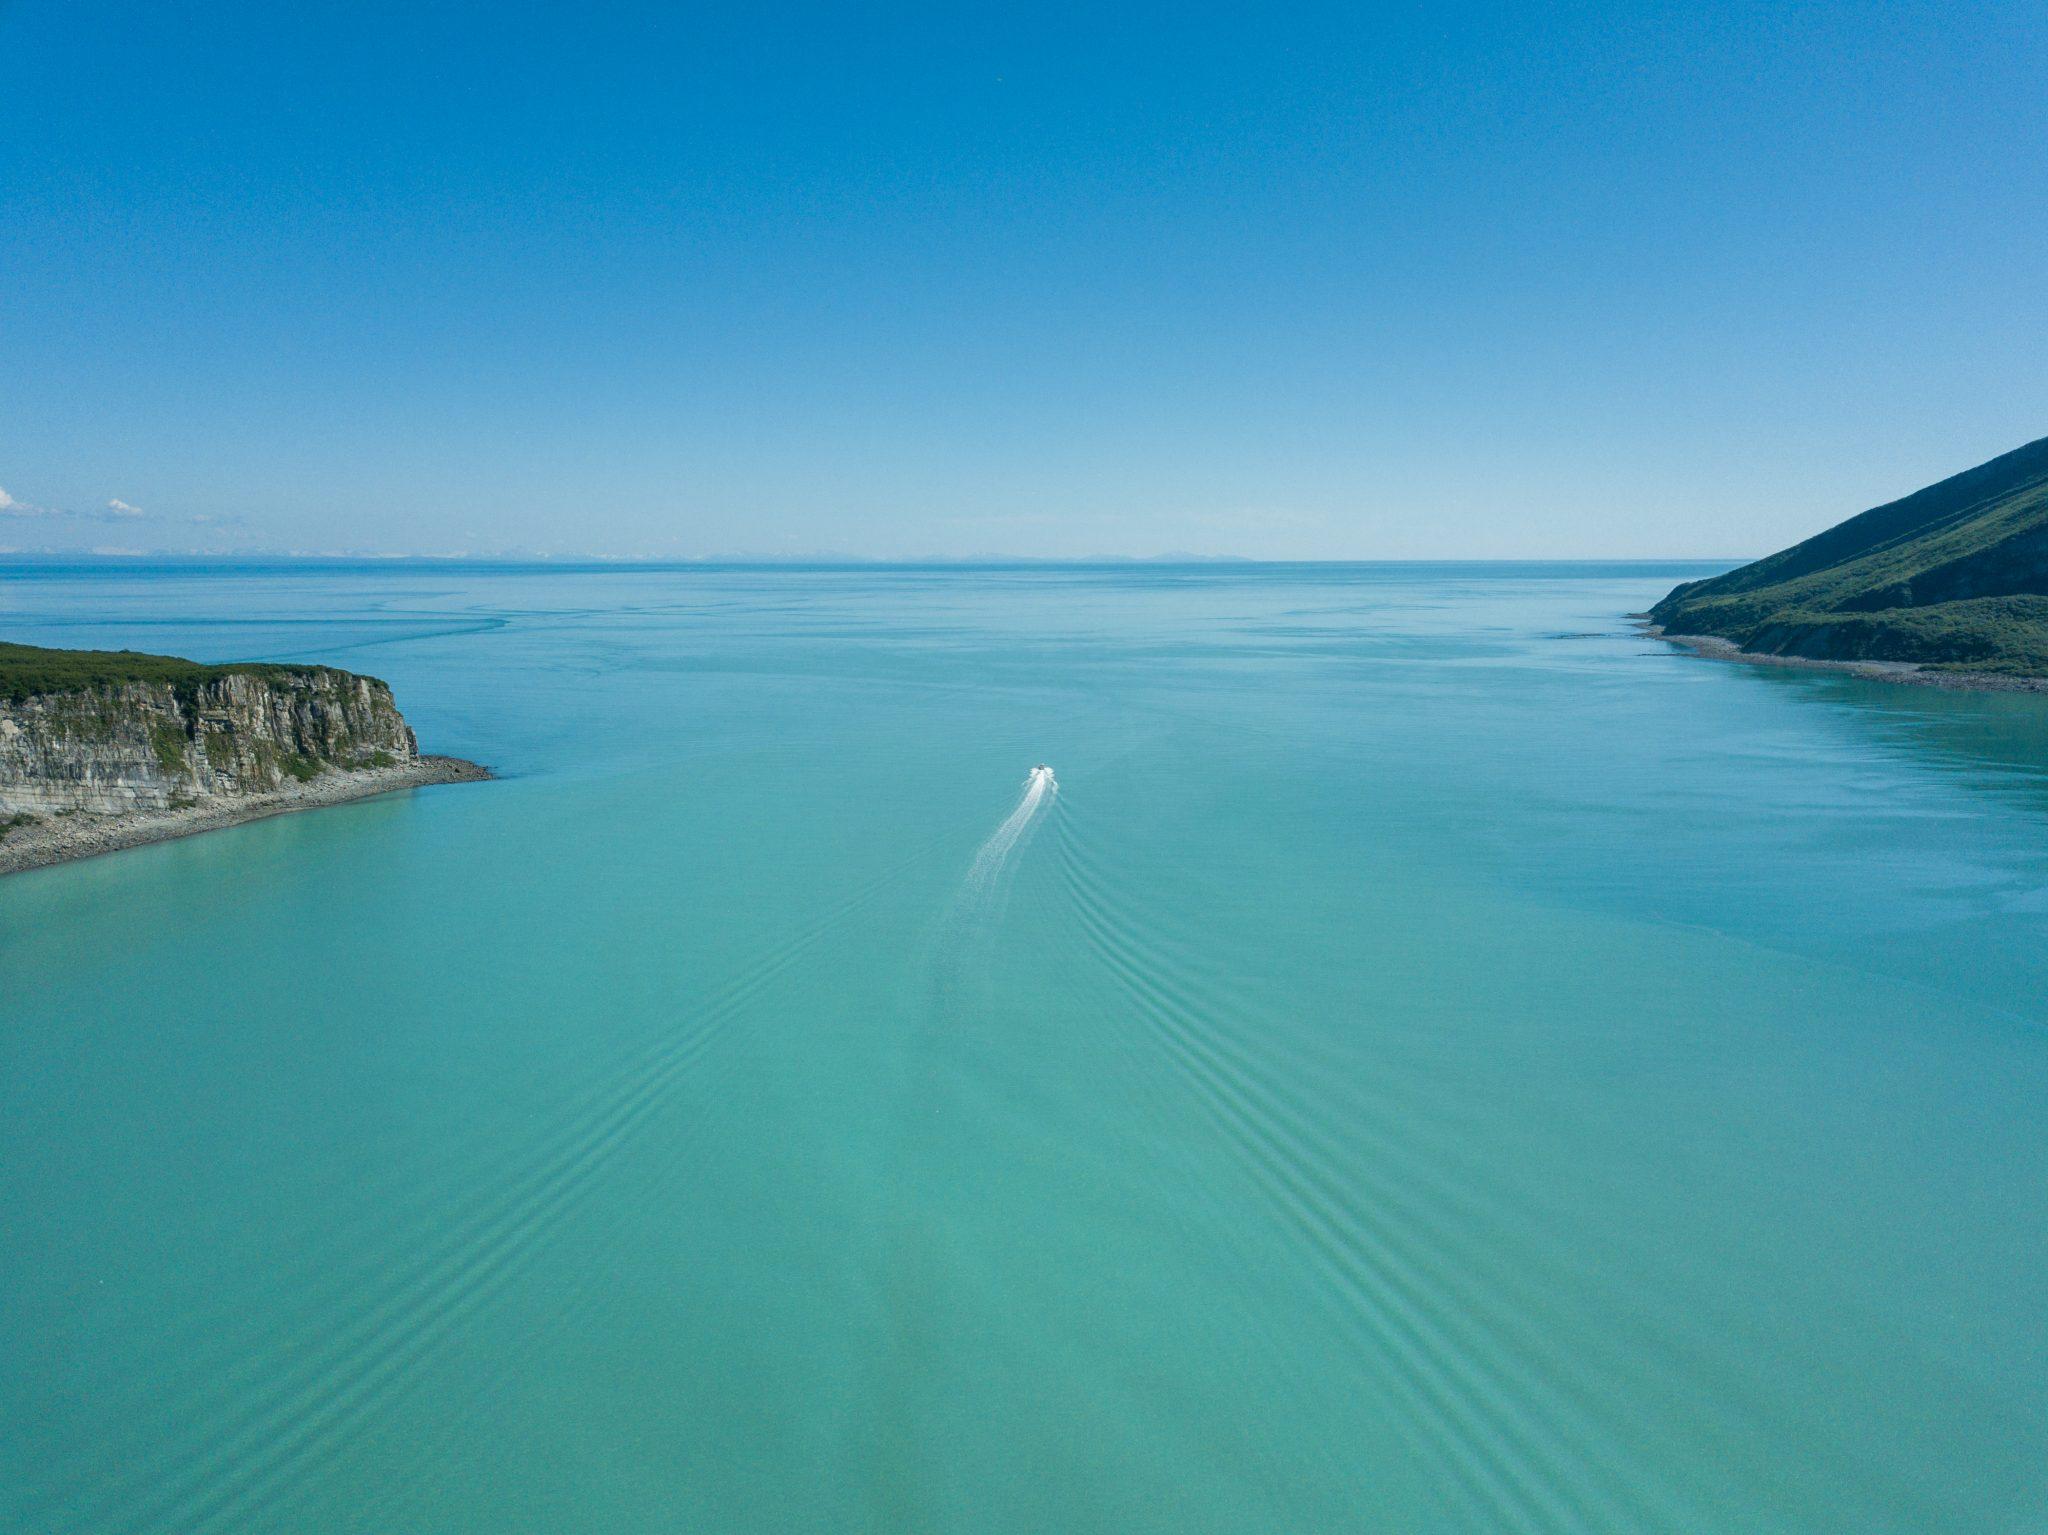 alaska-cook-inlet-boat-ride-snug-harbor-DJI_0125